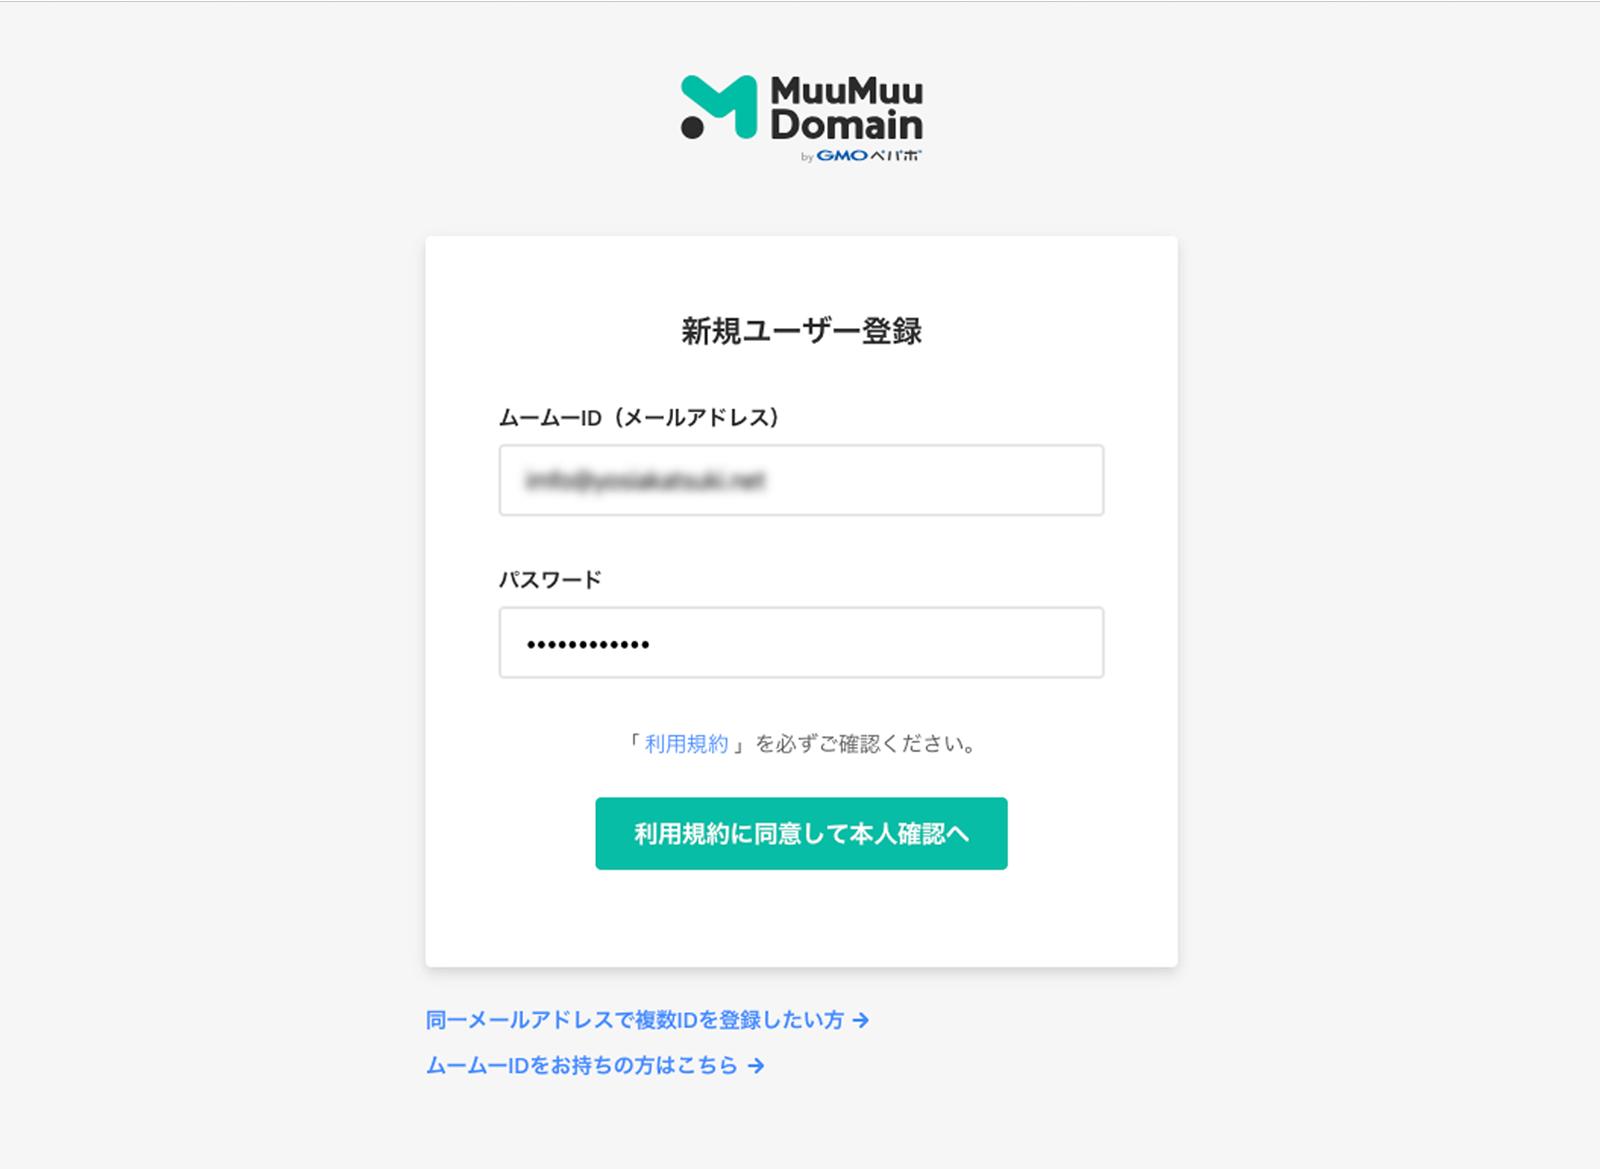 メールアドレスとパスワードを入力したら、アカウントの作成は完了です